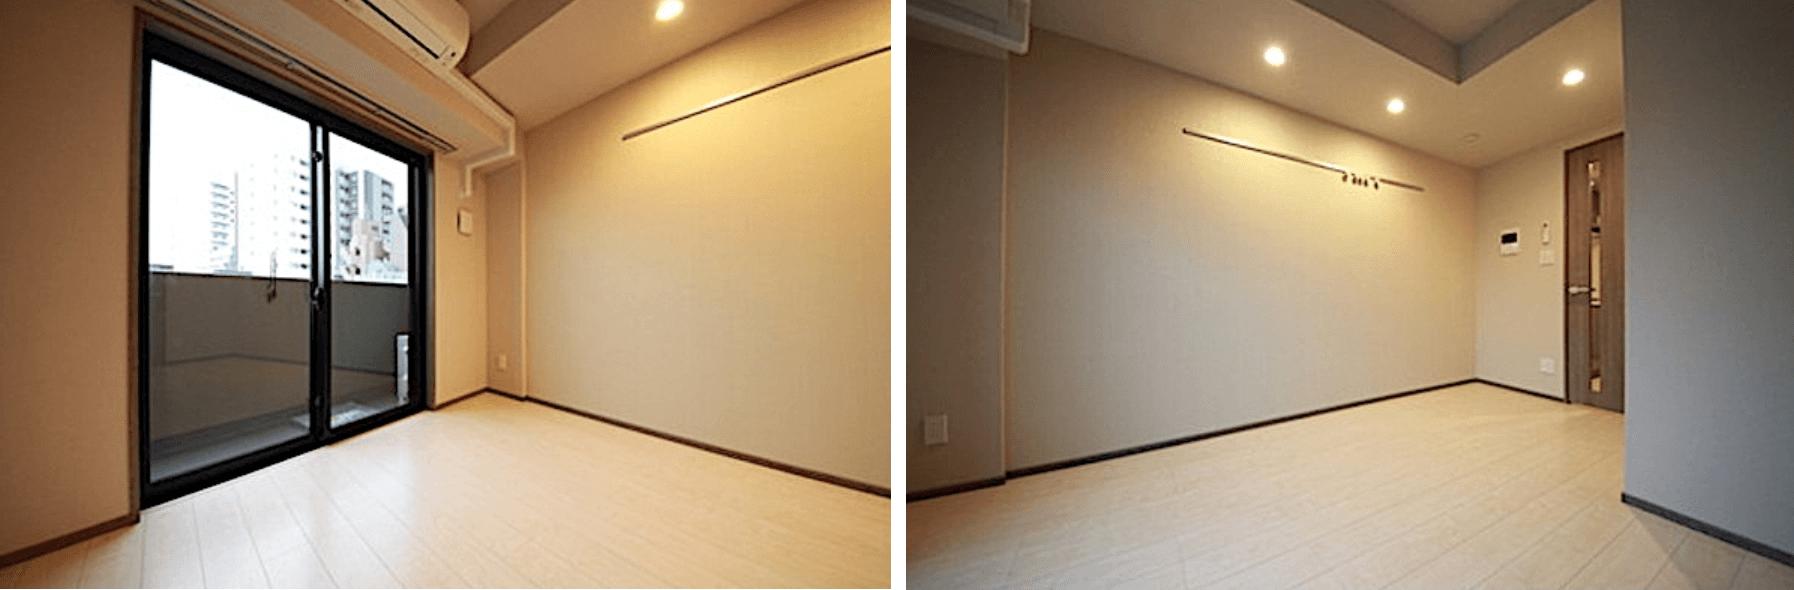 ハーモニーレジデンス早稲田の室内